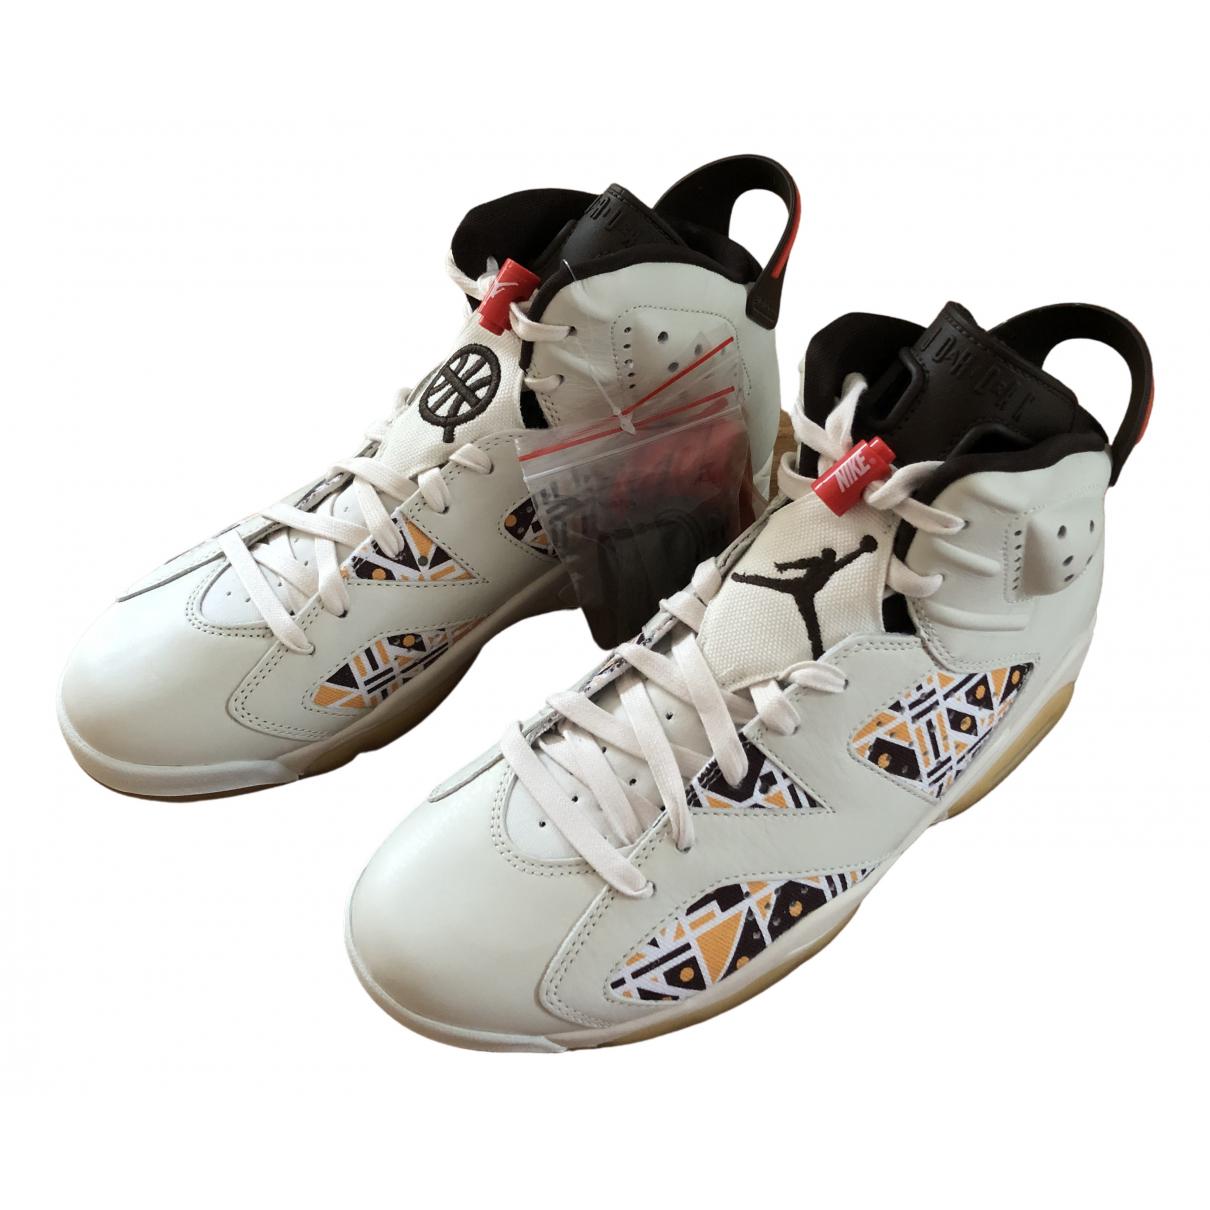 Jordan Air Jordan 6  Beige Cloth Trainers for Men 9.5 US